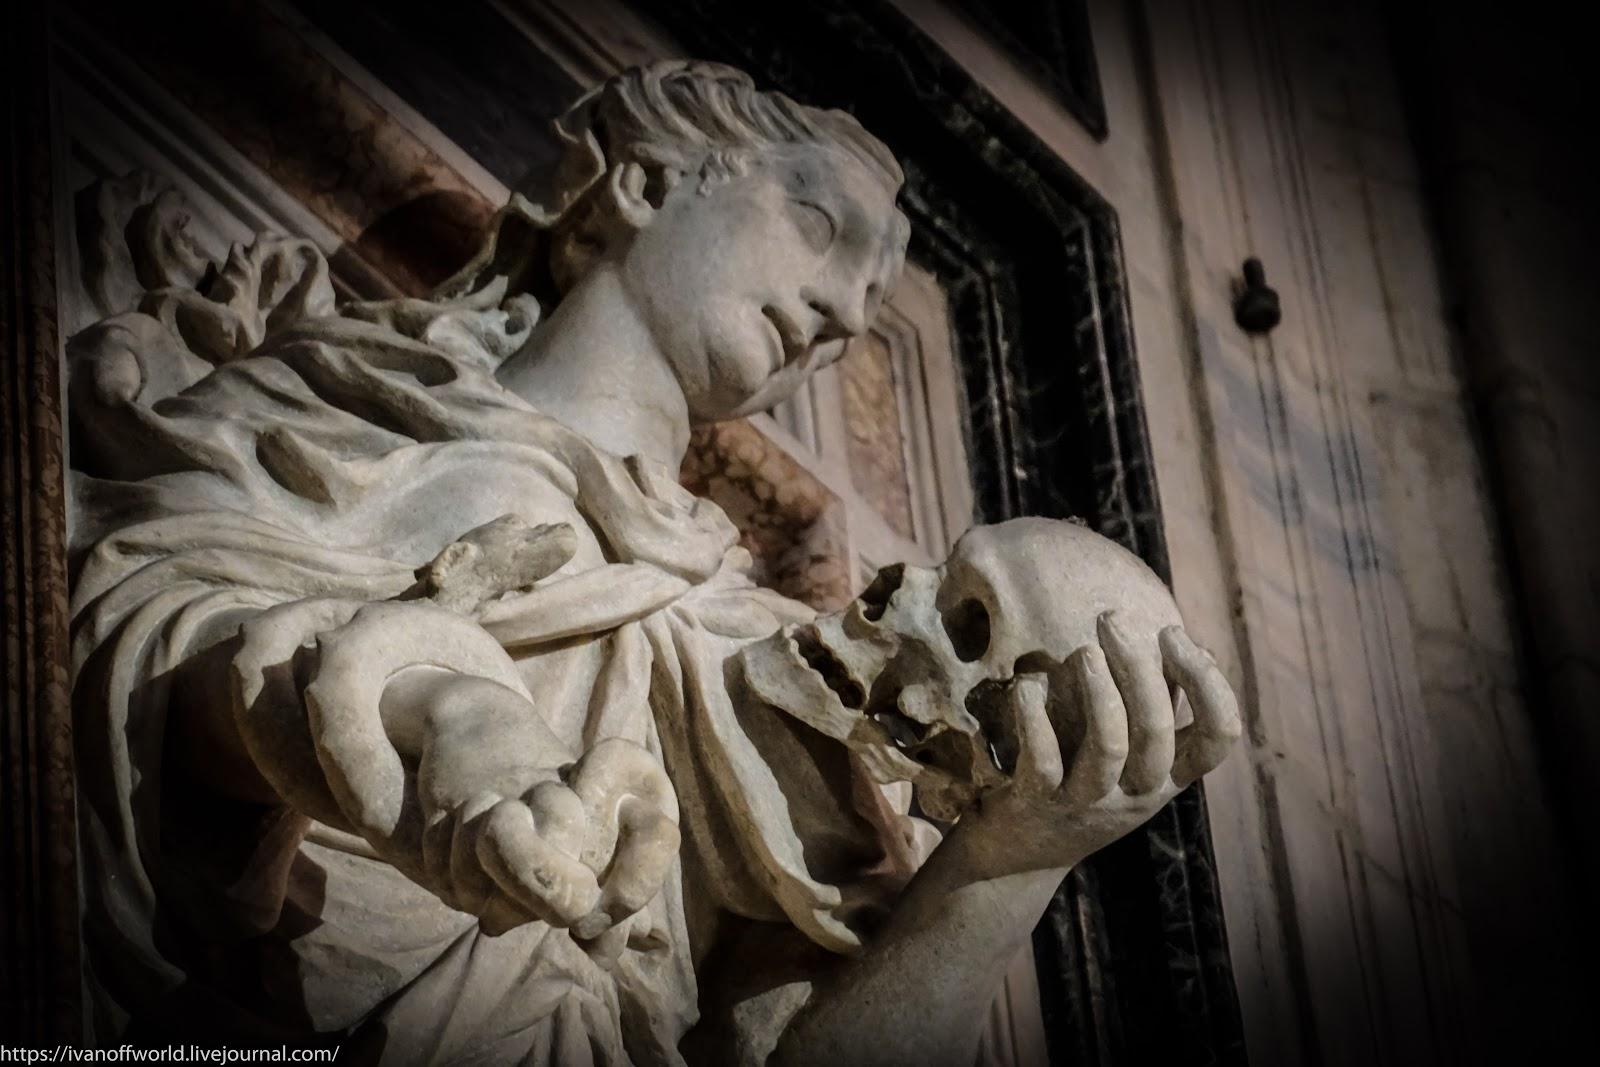 Красота, вселяющая ужас. История одной скульптуры человека, городе, Христа, церкви, святых, Варфоломей, который, голову, святого, самых, искусства, накидка, скульптур, через, апостолы, одной, времена, влияние, может, религия